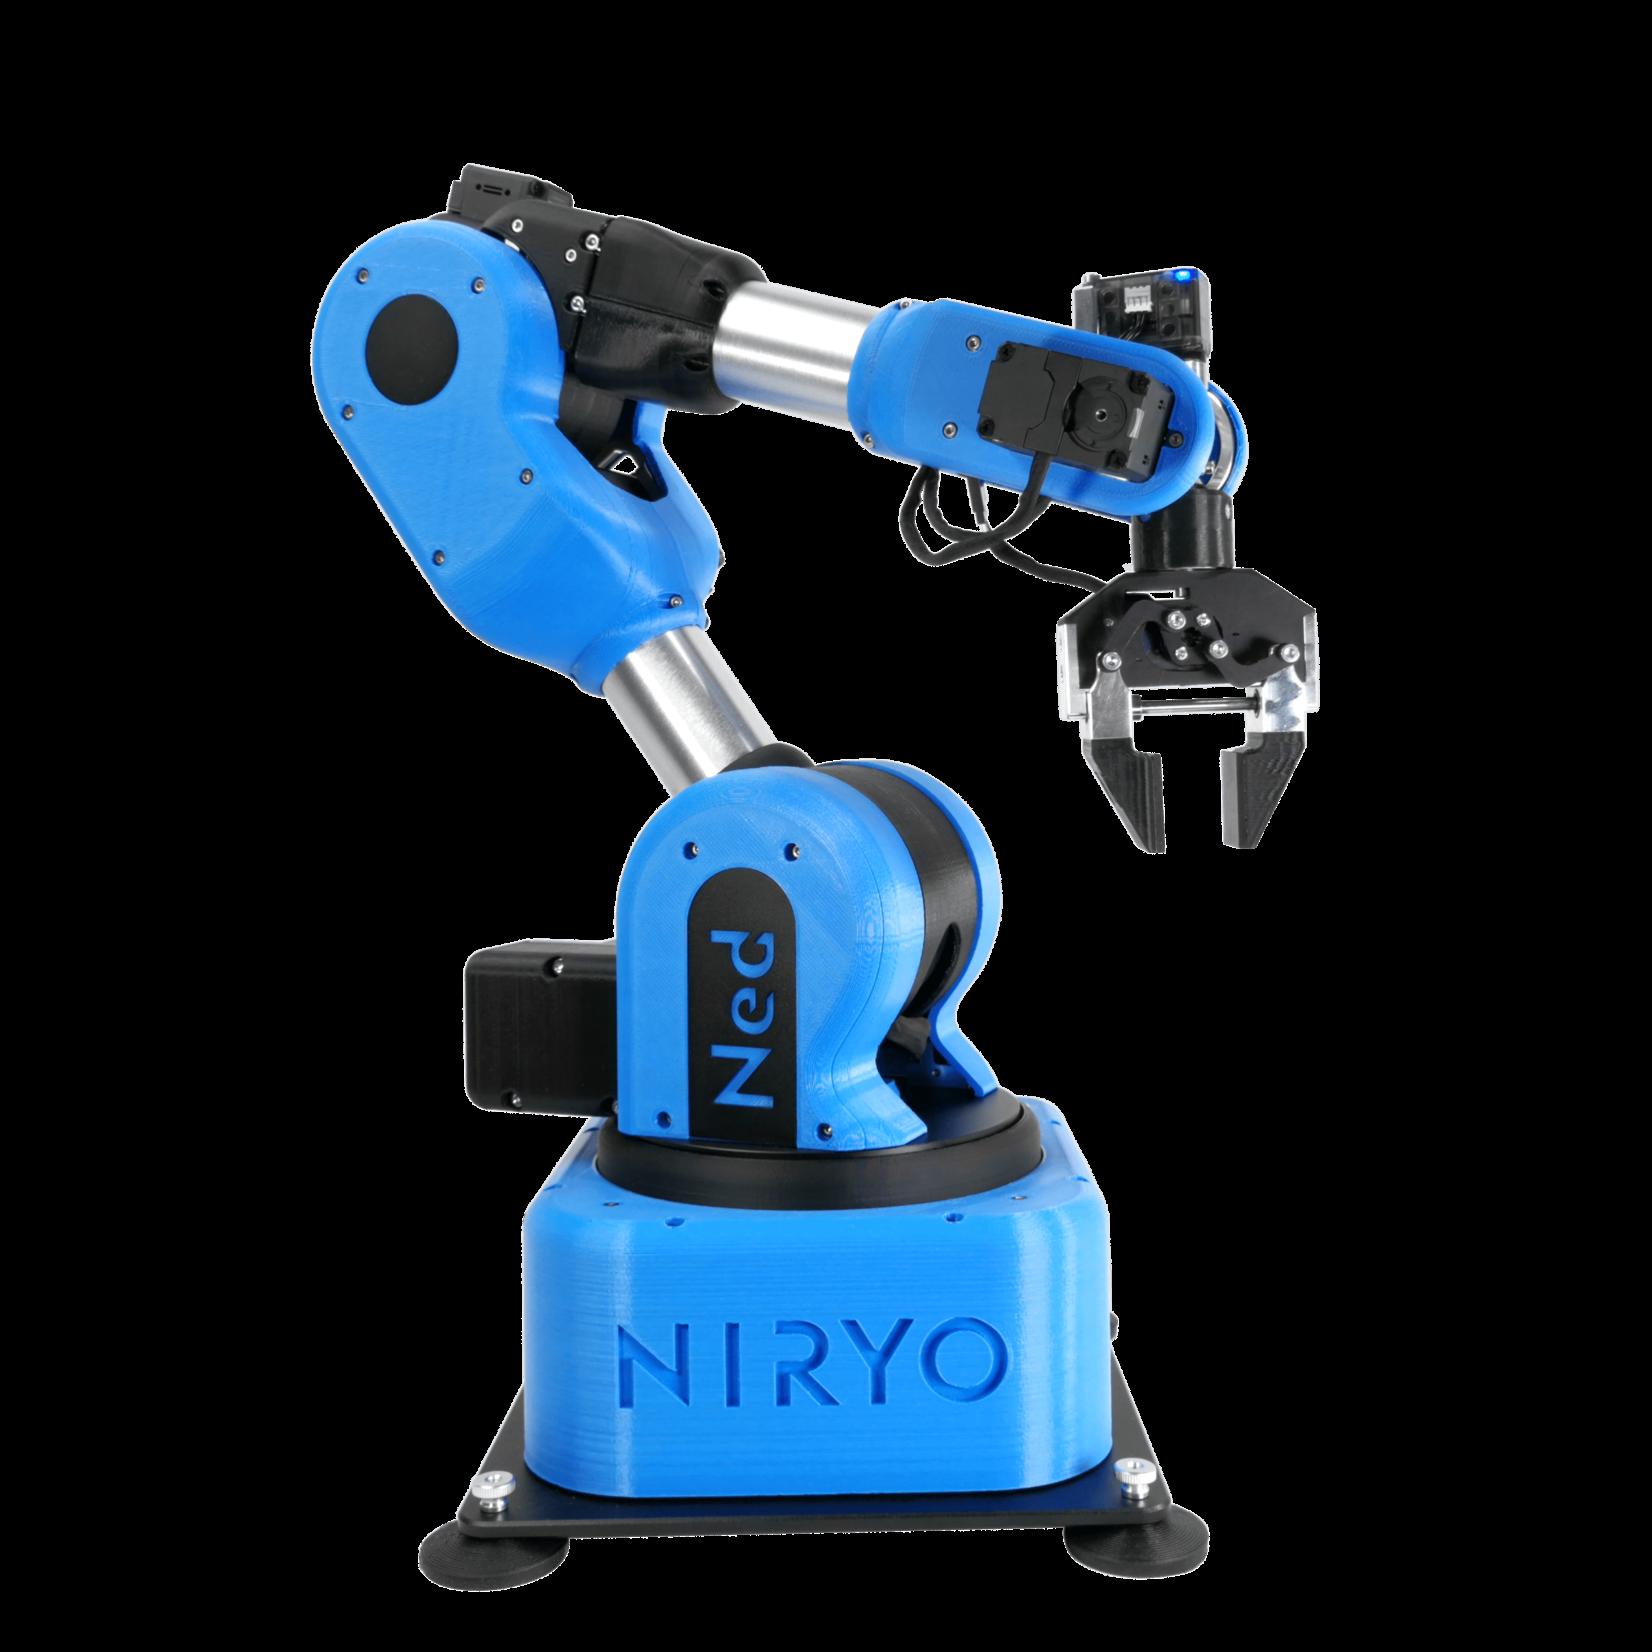 NIRYO Niryo Ned 6-axis robotic arm